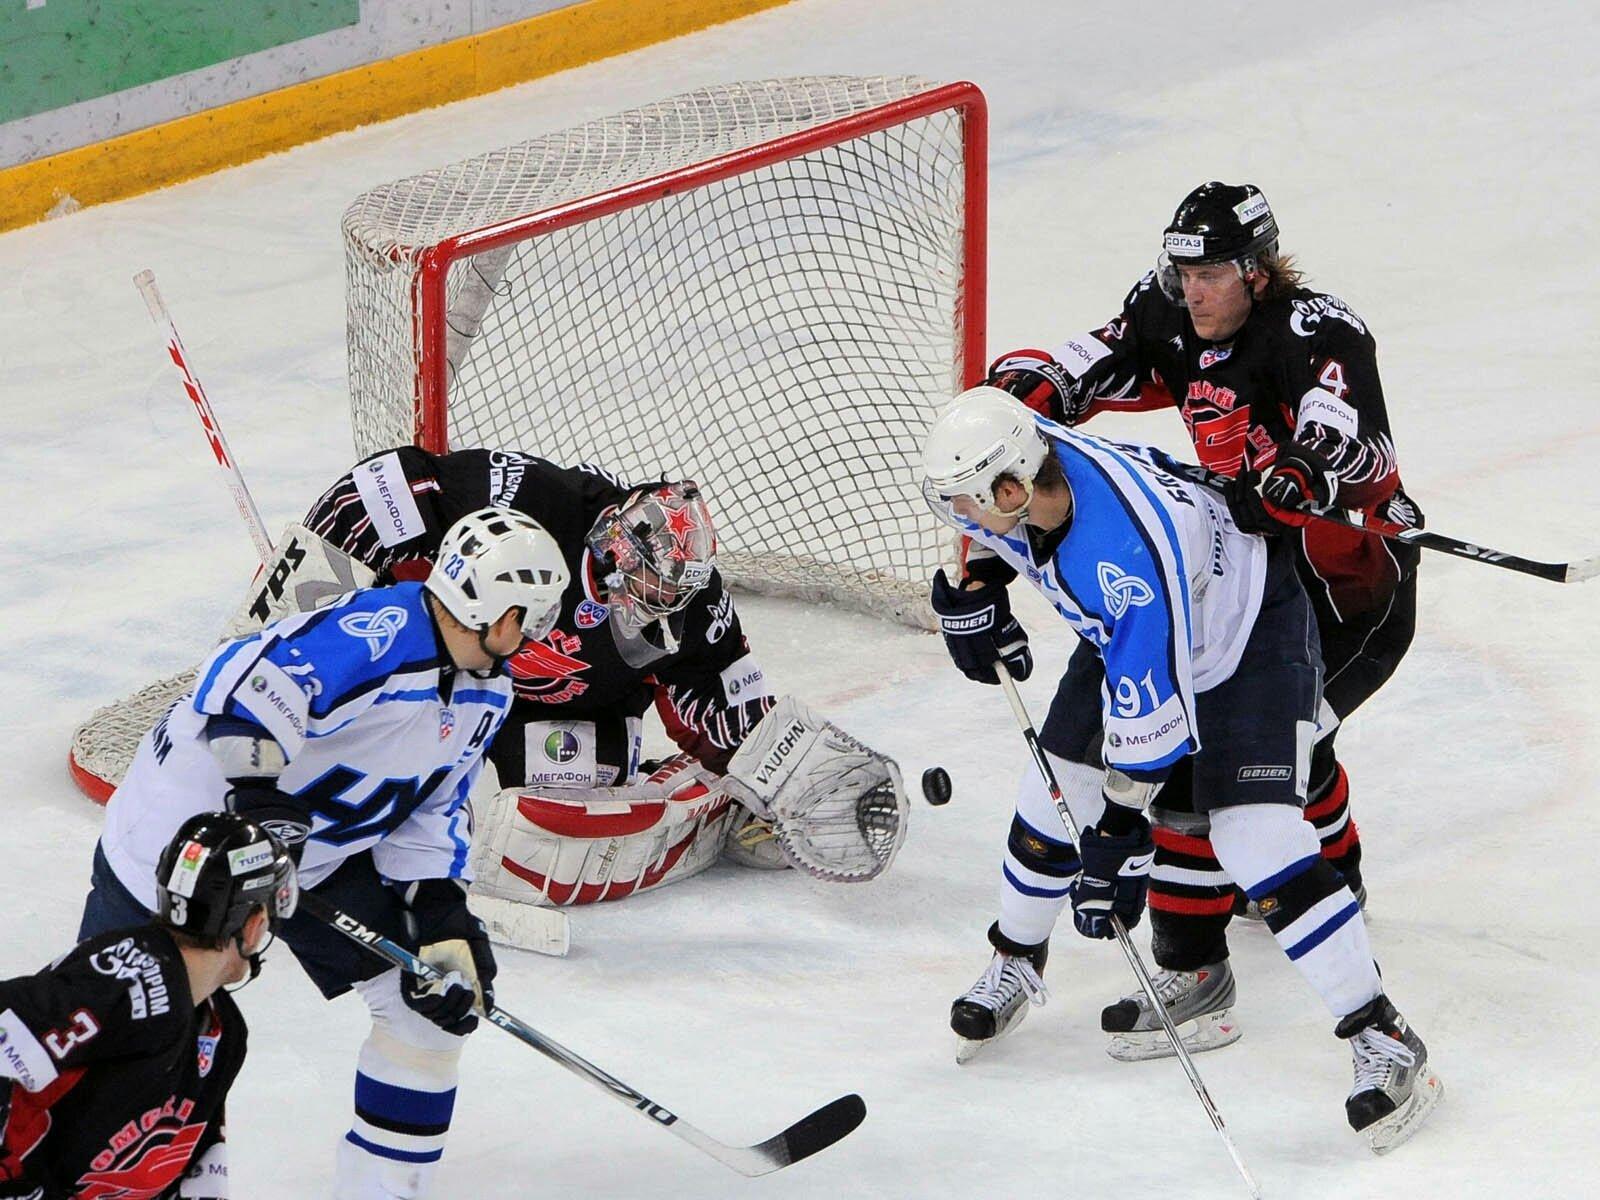 сайт хоккейной фотографии для изображения